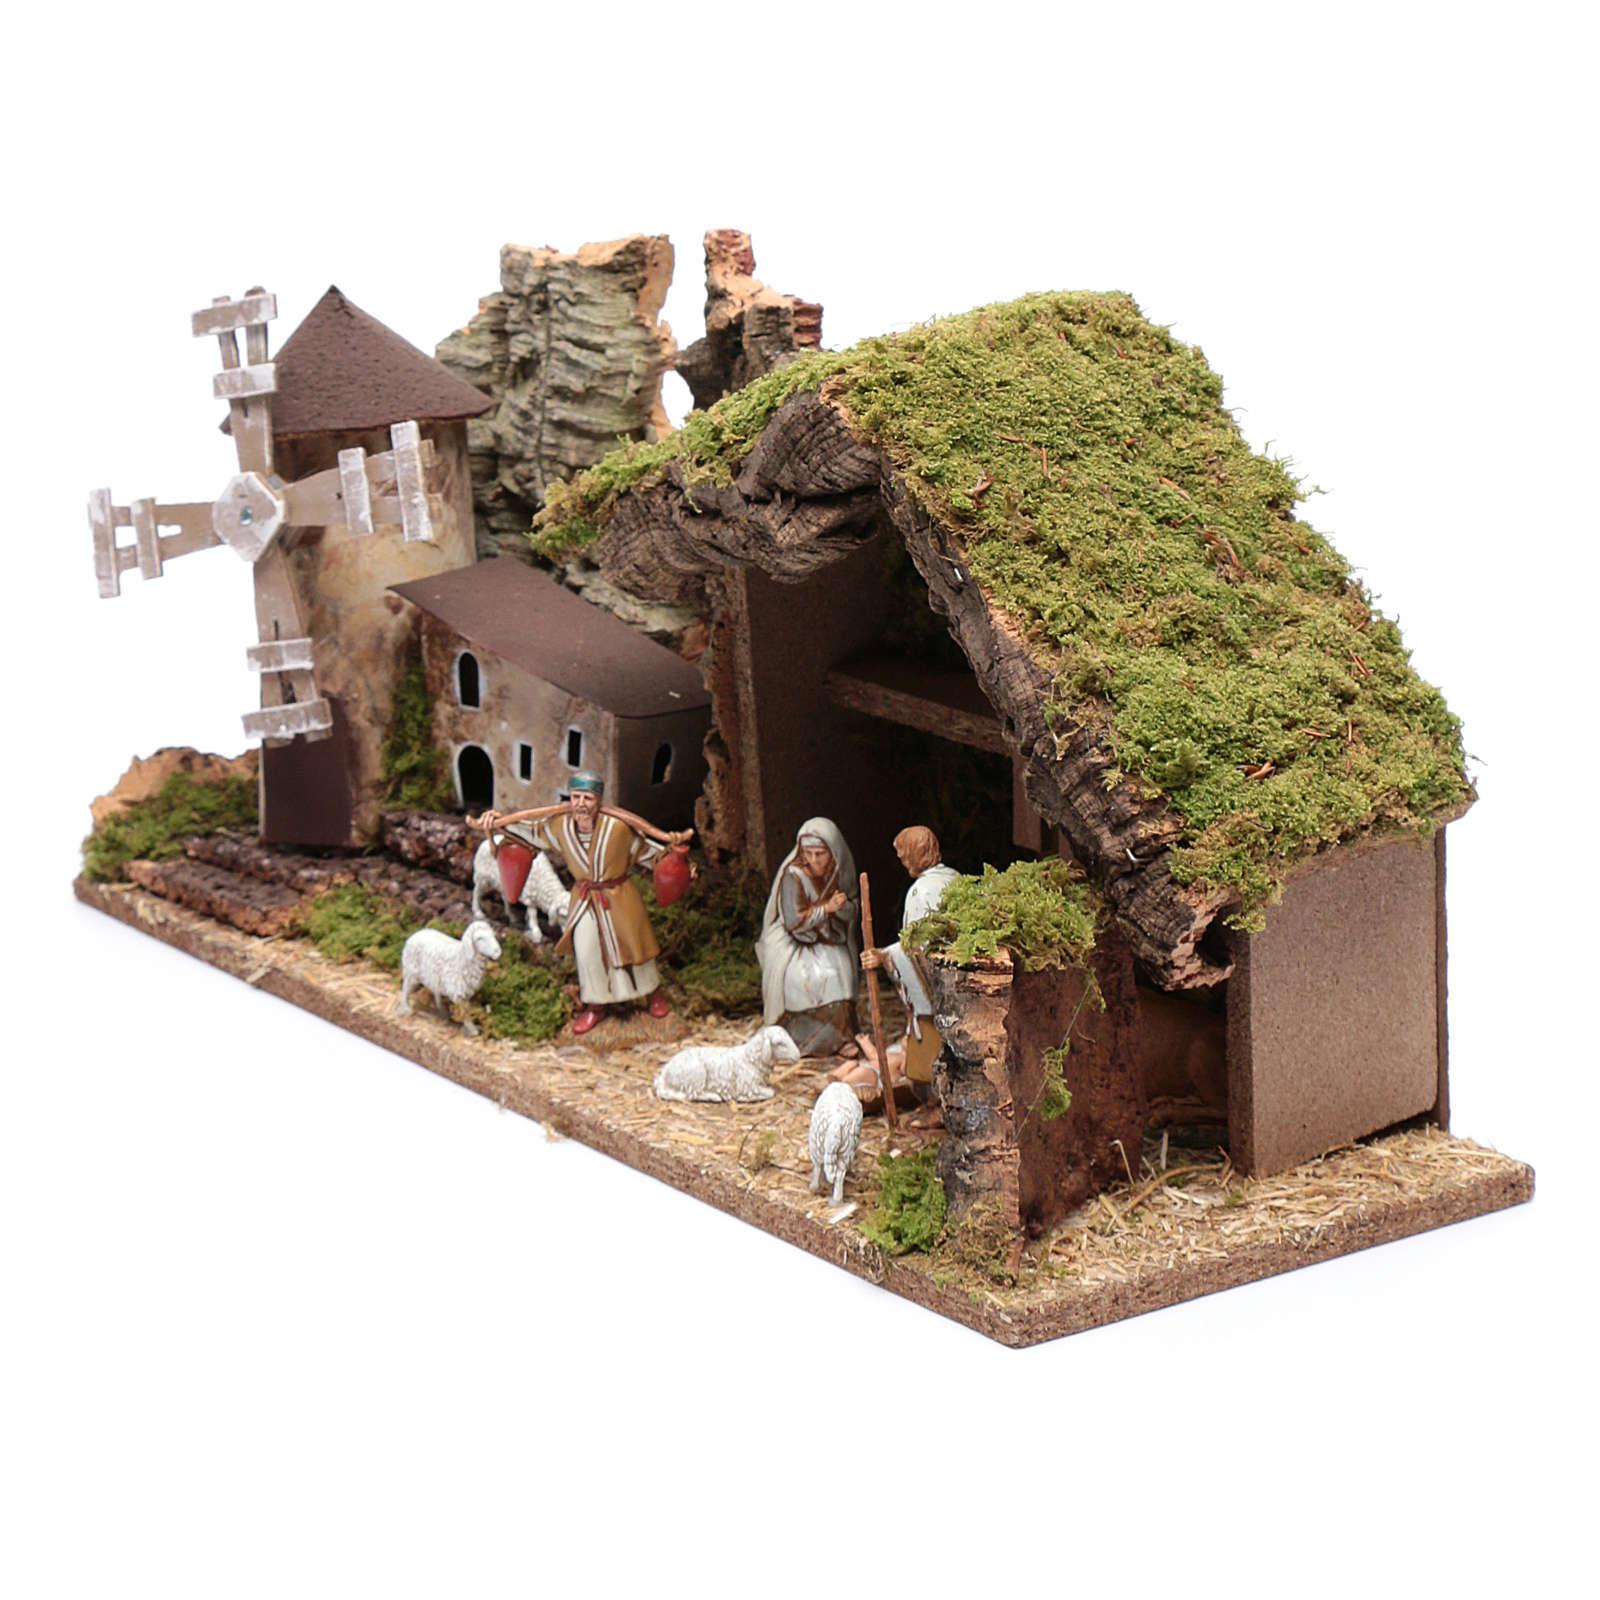 Arabian style hut with windmill  25x55x20 cm 4